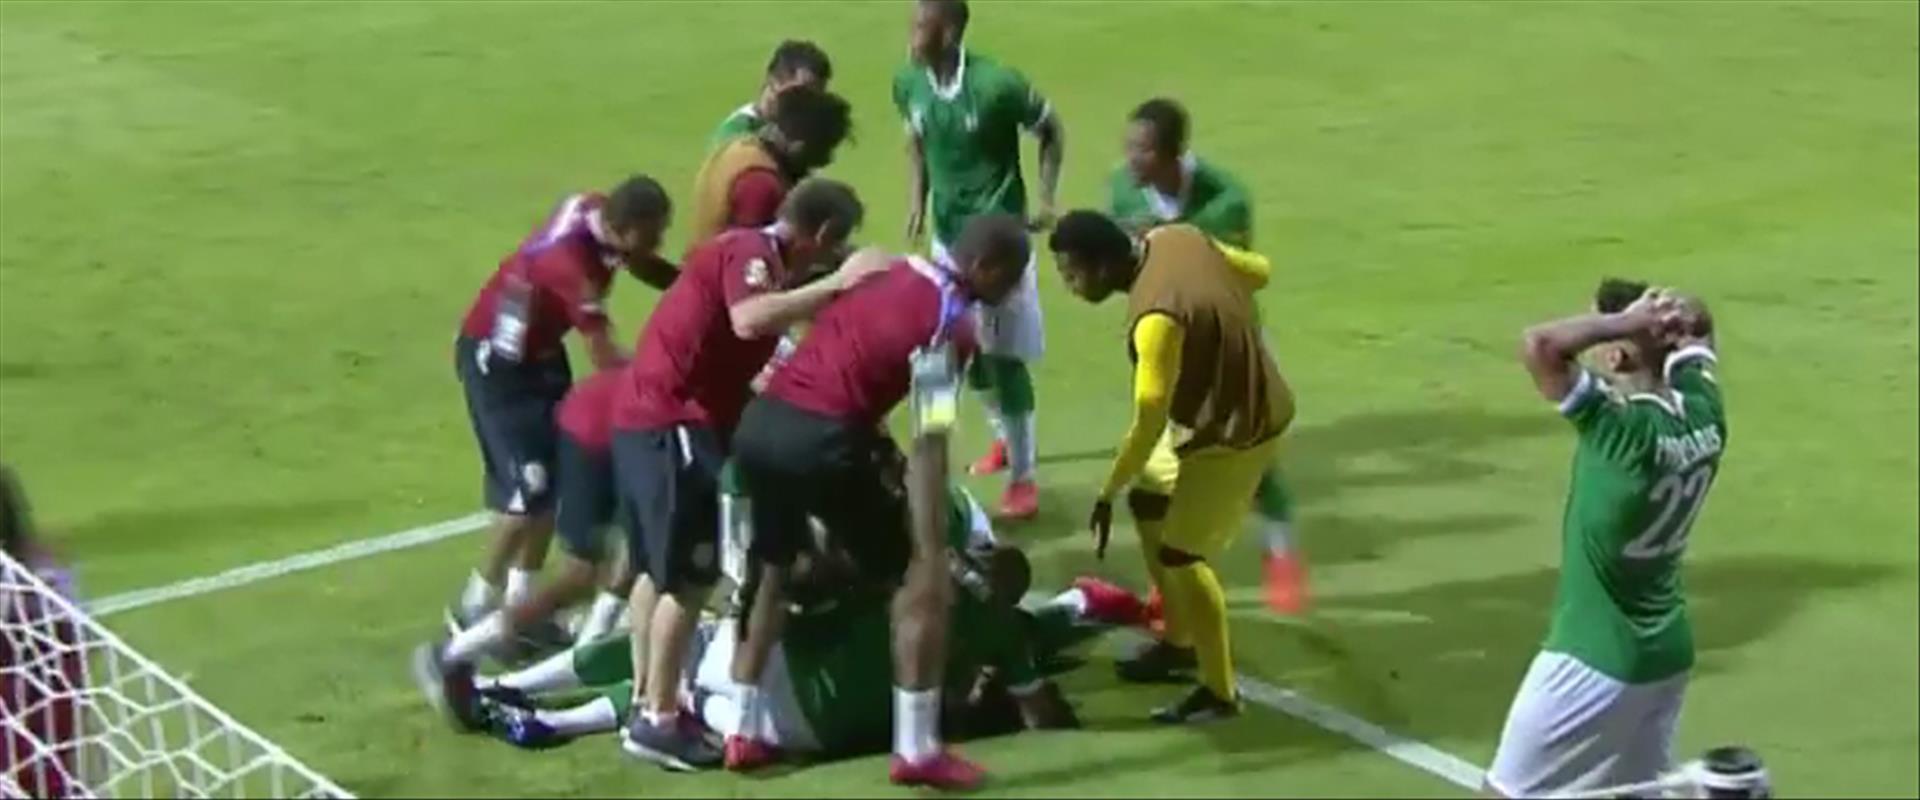 נבחרת מדגסקר